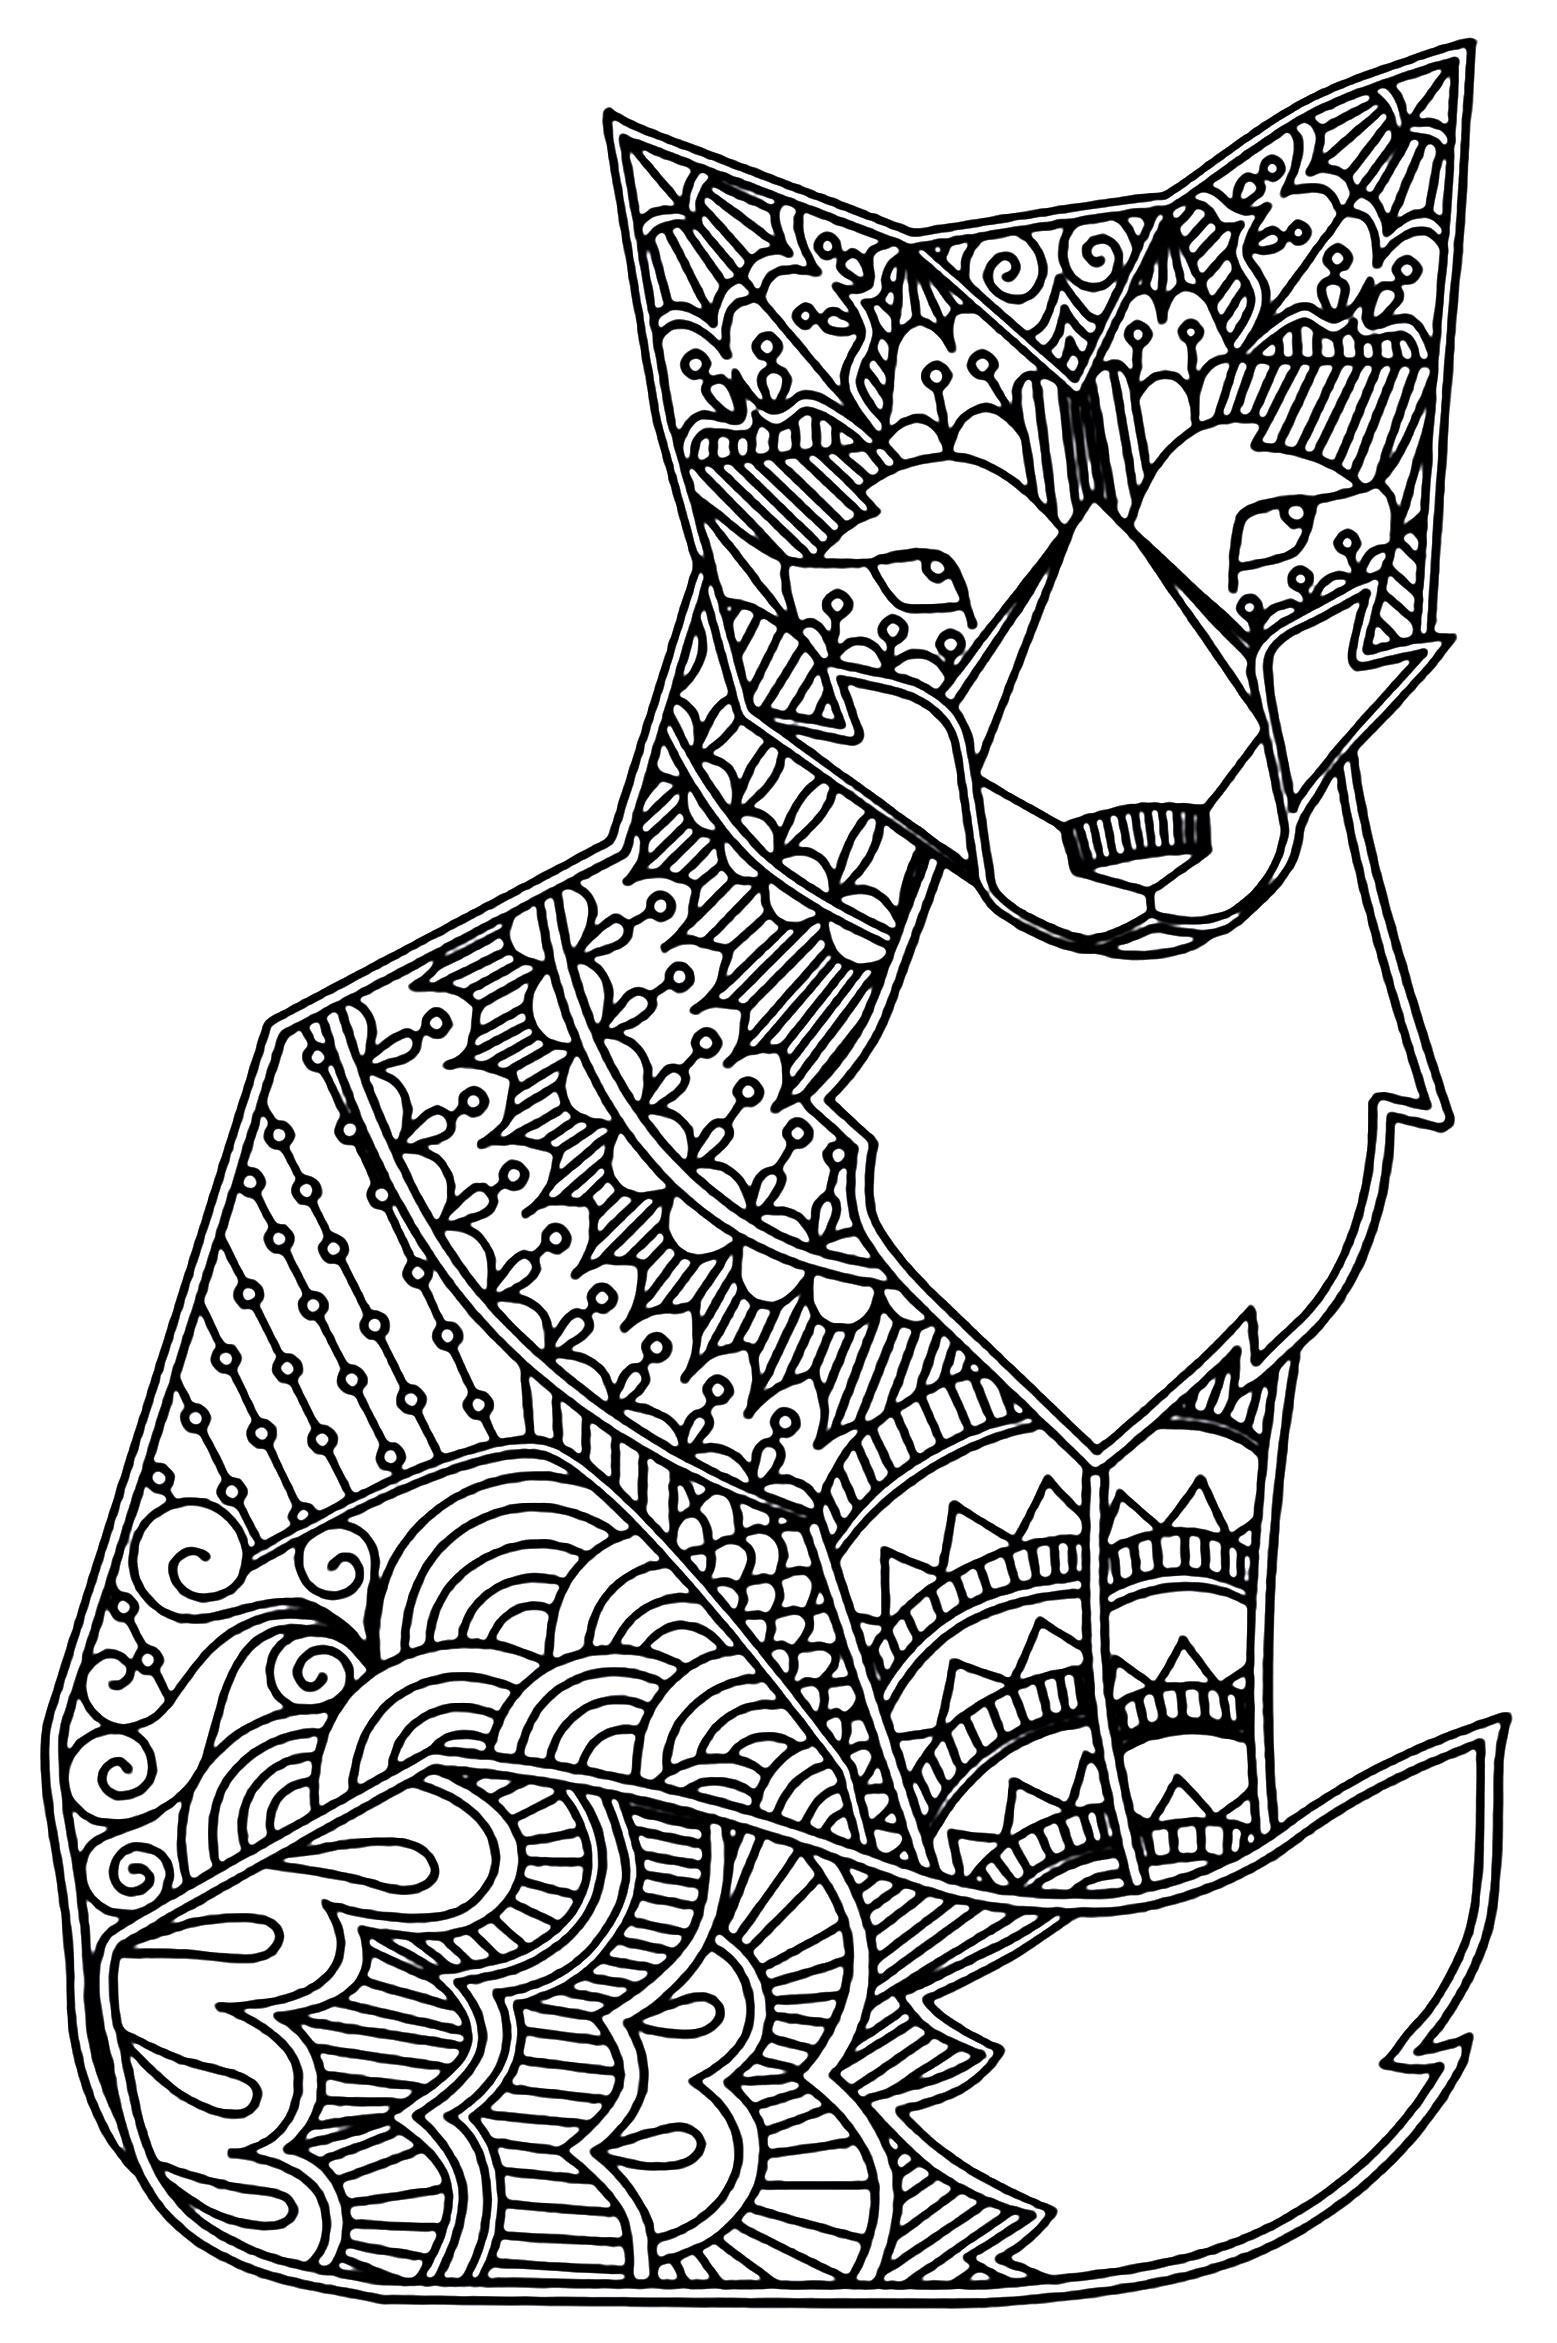 Fuchse 37098 - Füchse - Malbuch Fur Erwachsene